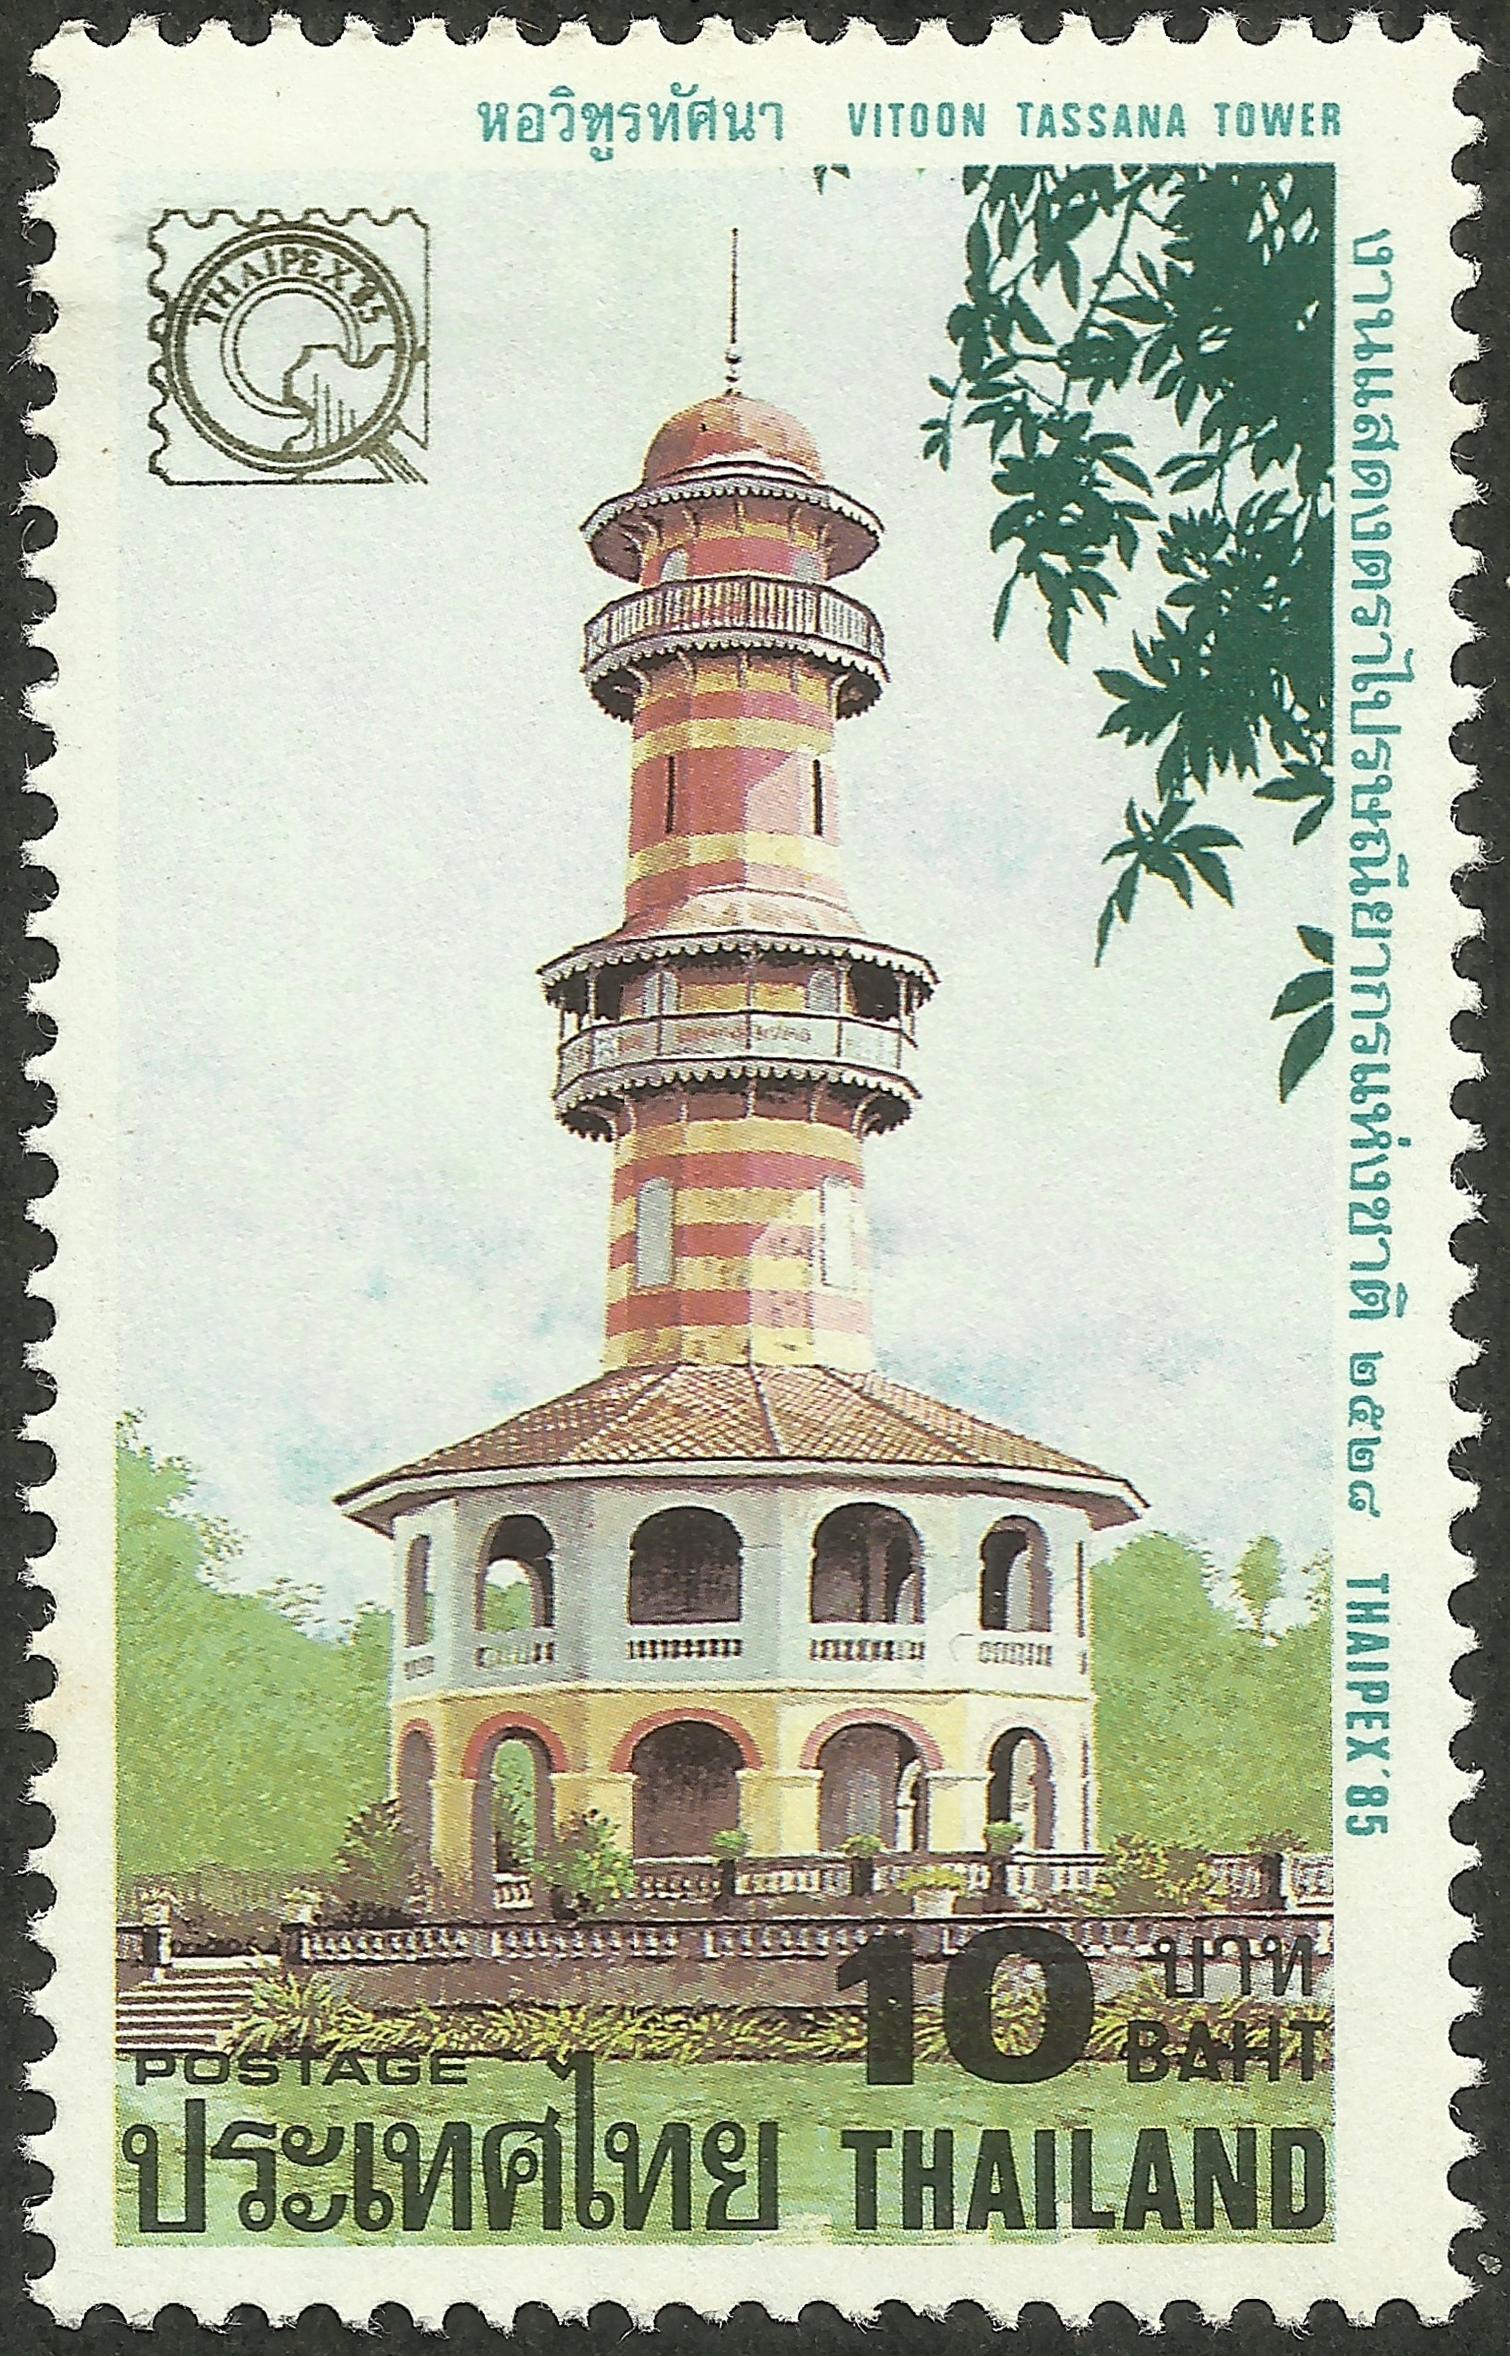 Thailand - Scott #1117 (1985) portraying Ho Withun Thasana lookout tower at Bang Pa-In Royal Palace.